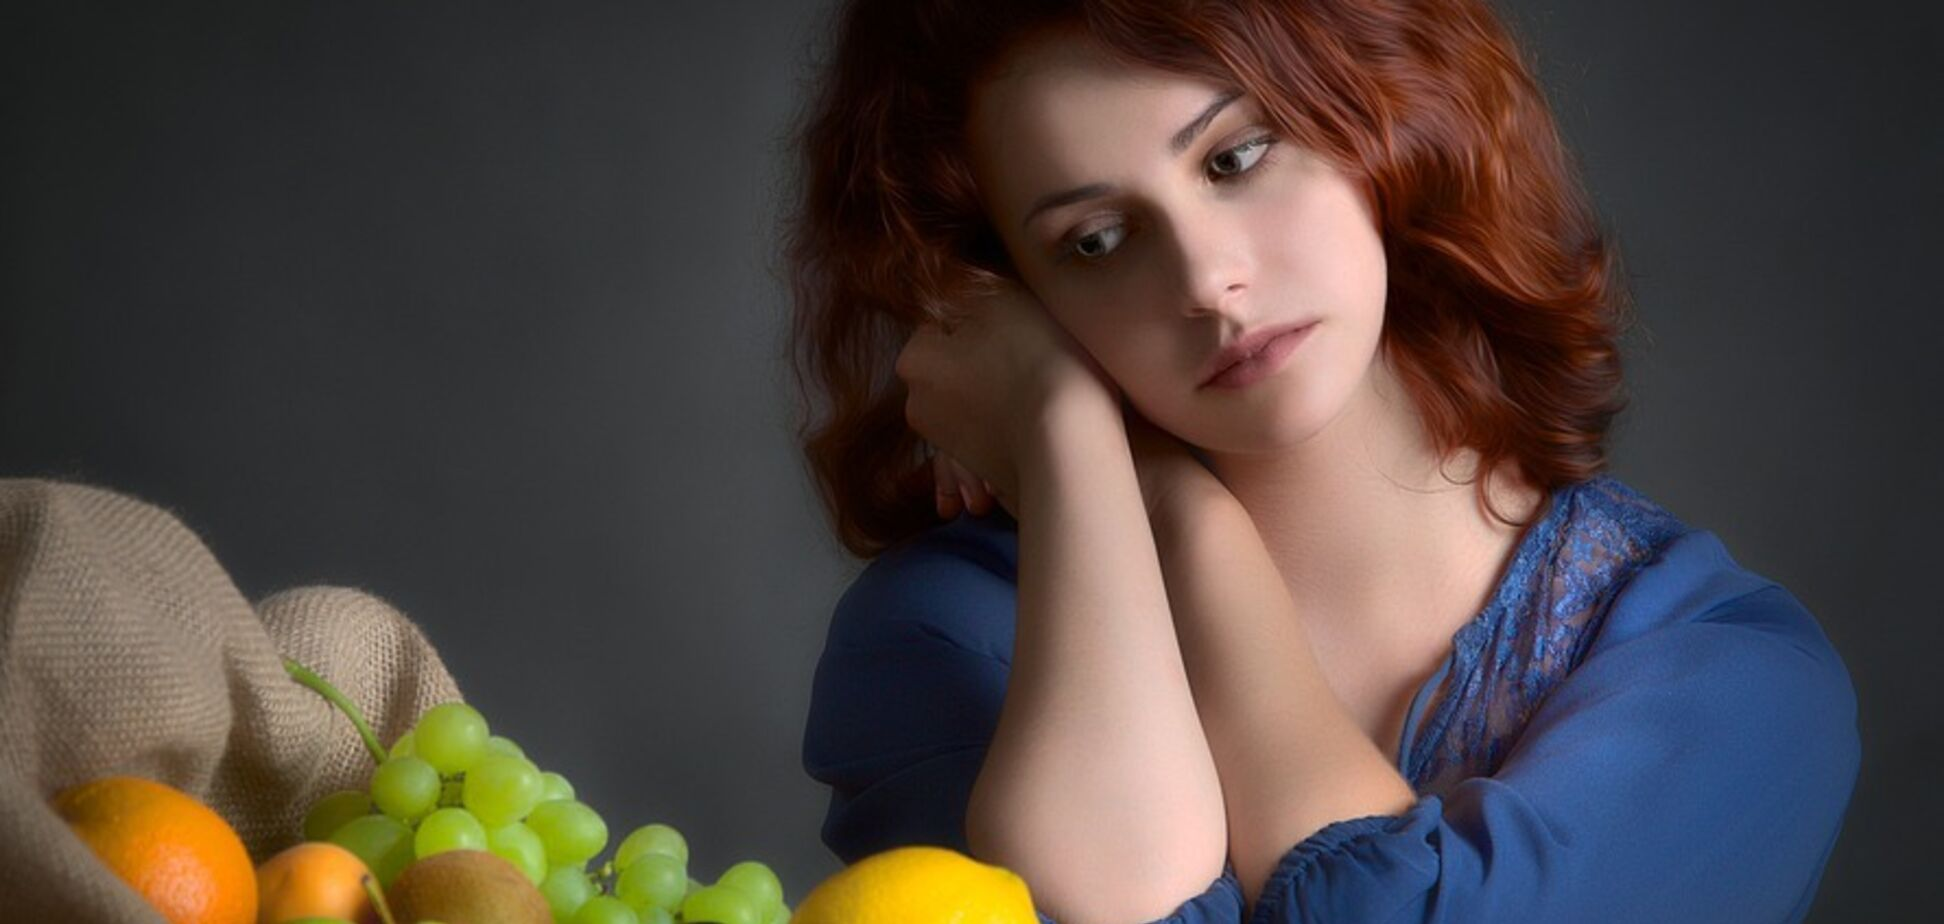 Вредно для фигуры? Диетолог развенчала популярный миф о фруктах